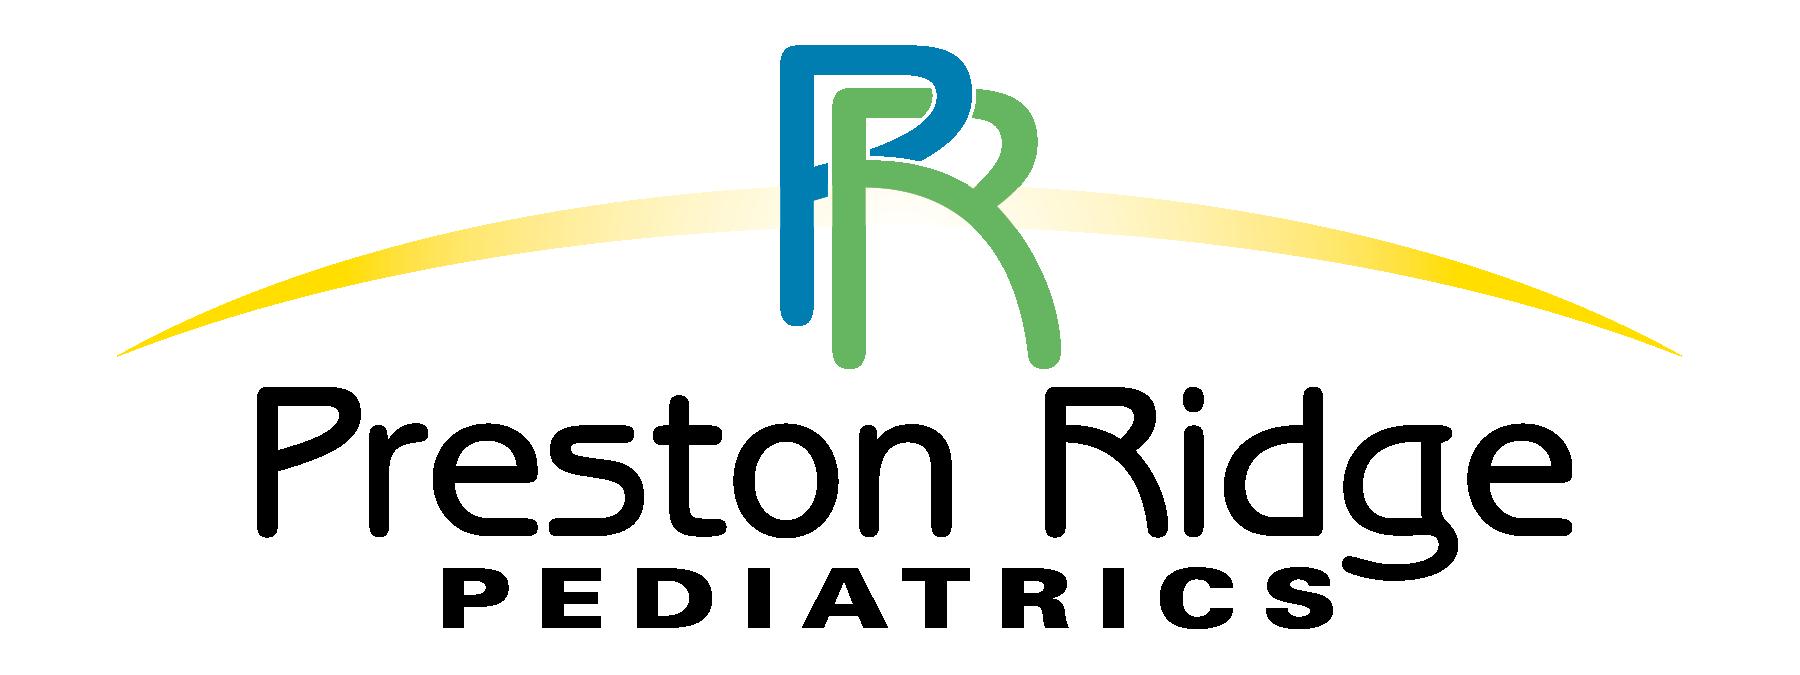 Preston Ridge Pediatrics